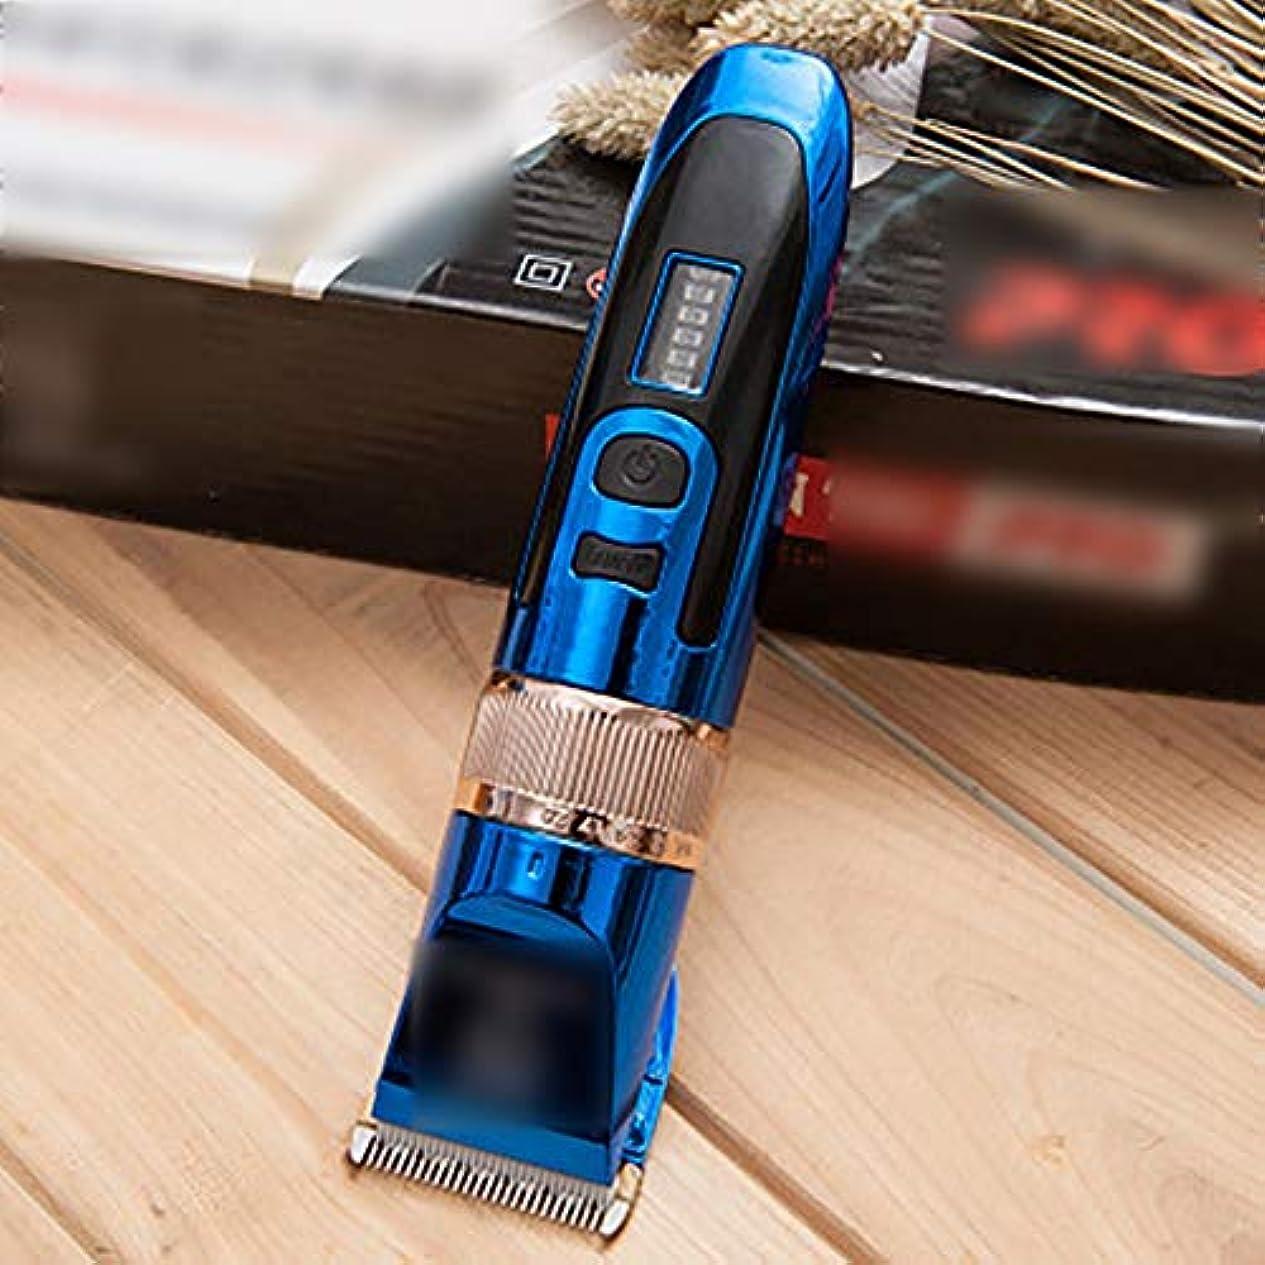 故障縁石私たち自身WAKABAFK プロの電気フェーダーリチウム電池液晶ディスプレイ散髪機ヘアトリマークリッパー (色 : 青)